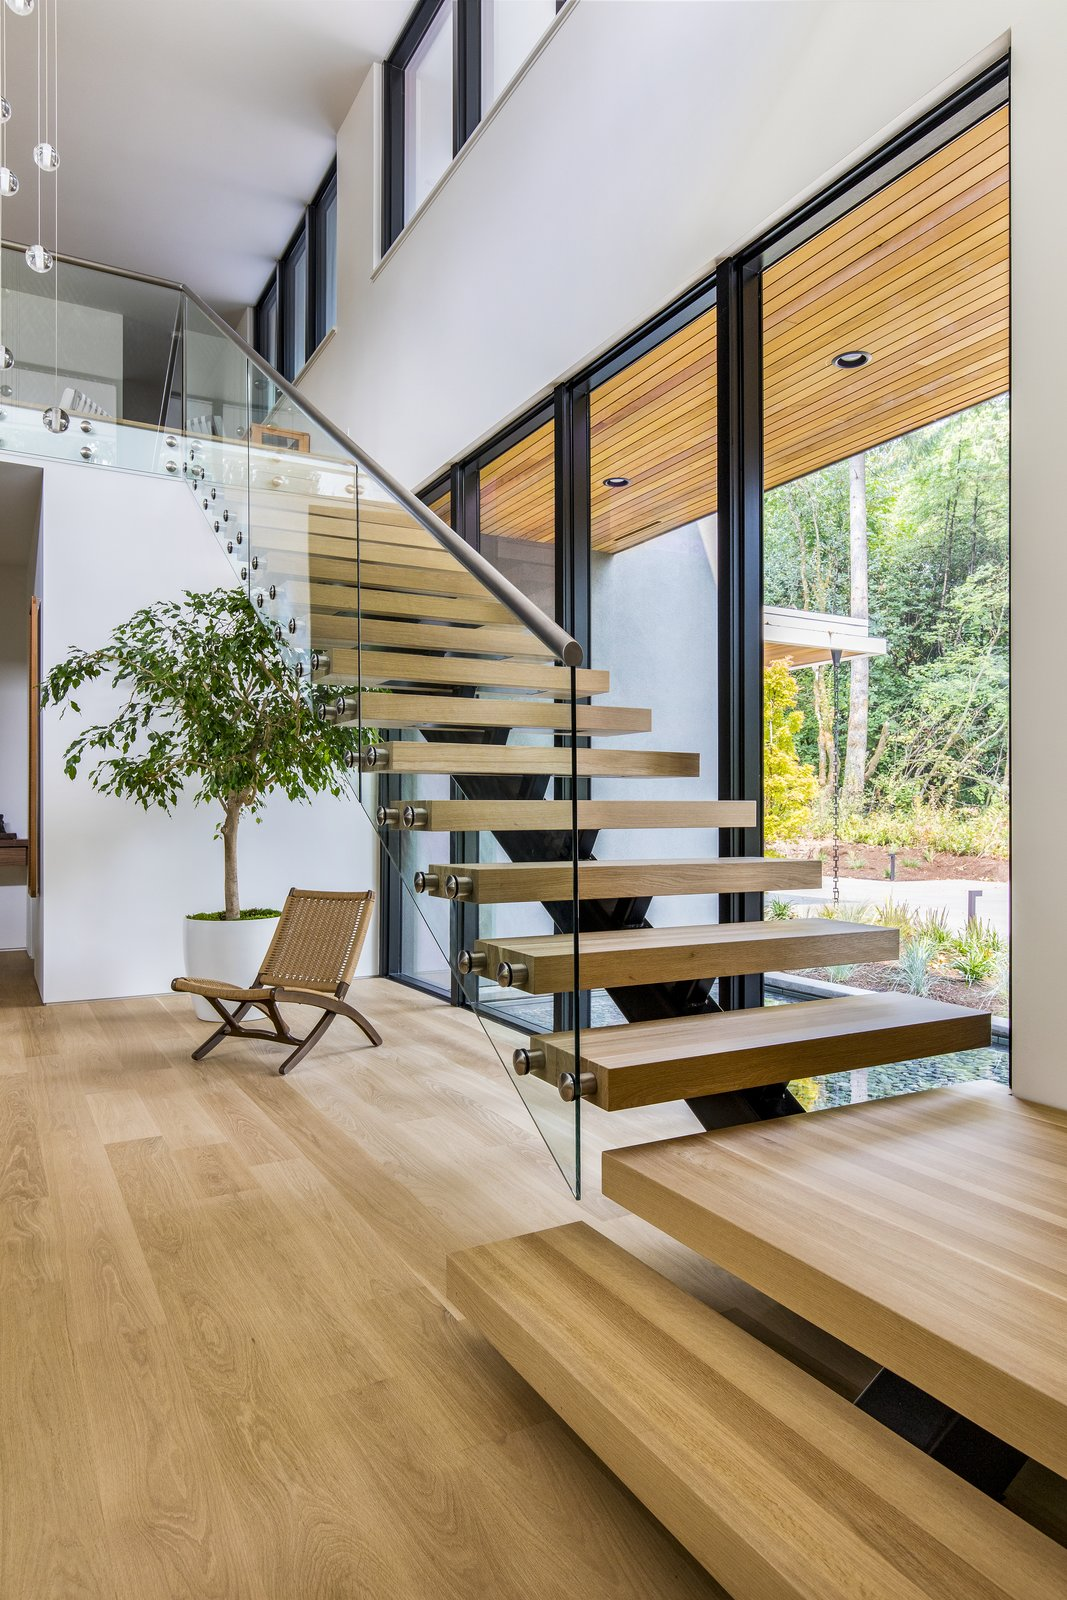 Wildwood white oak staircase